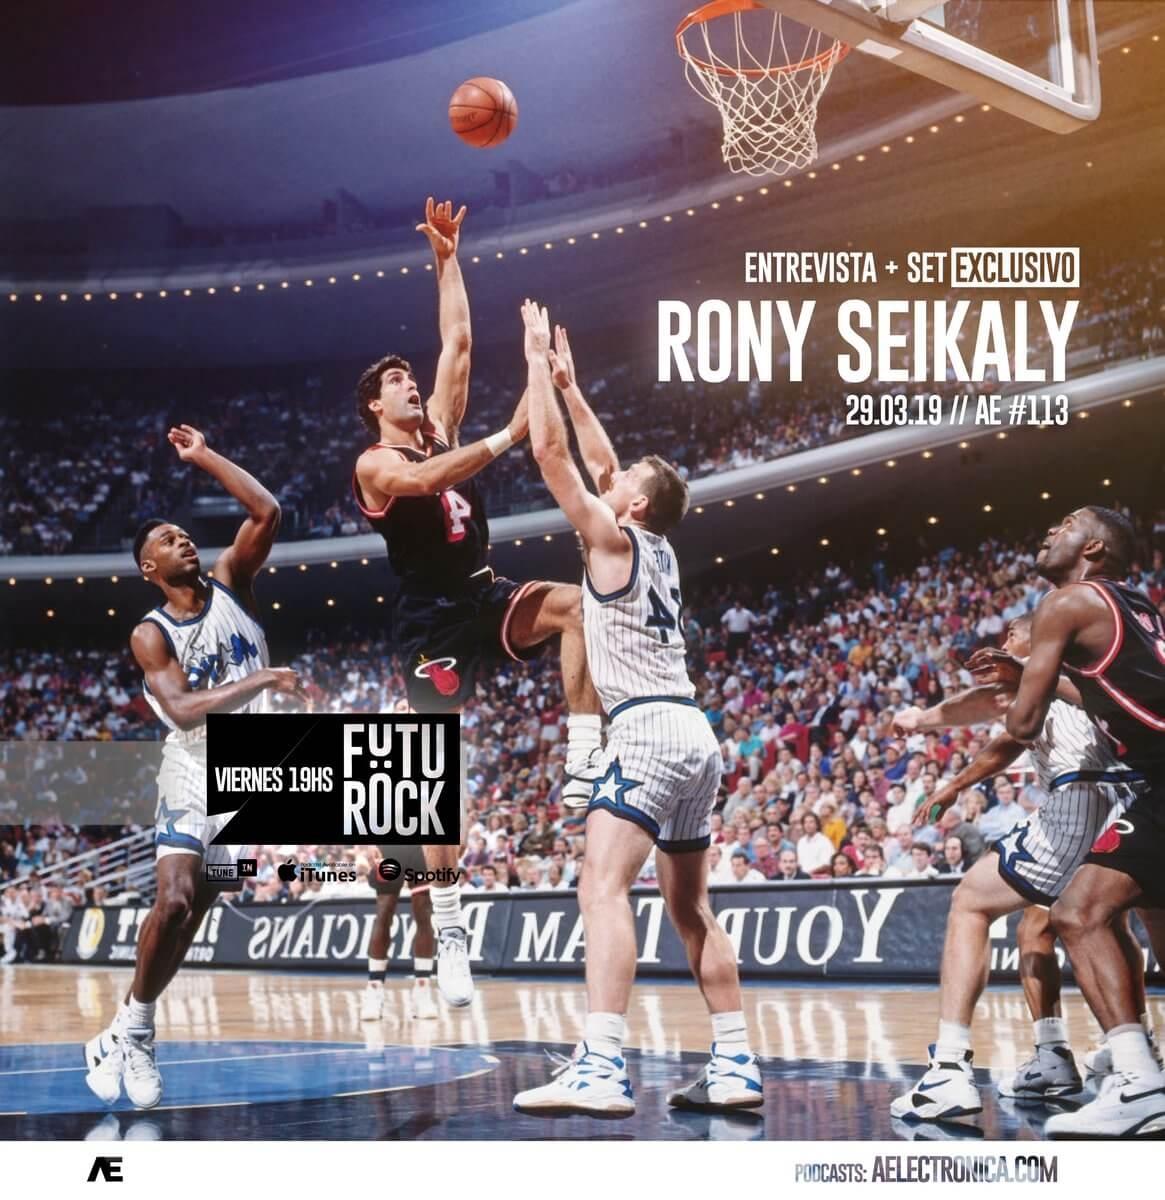 Rony Seikaly